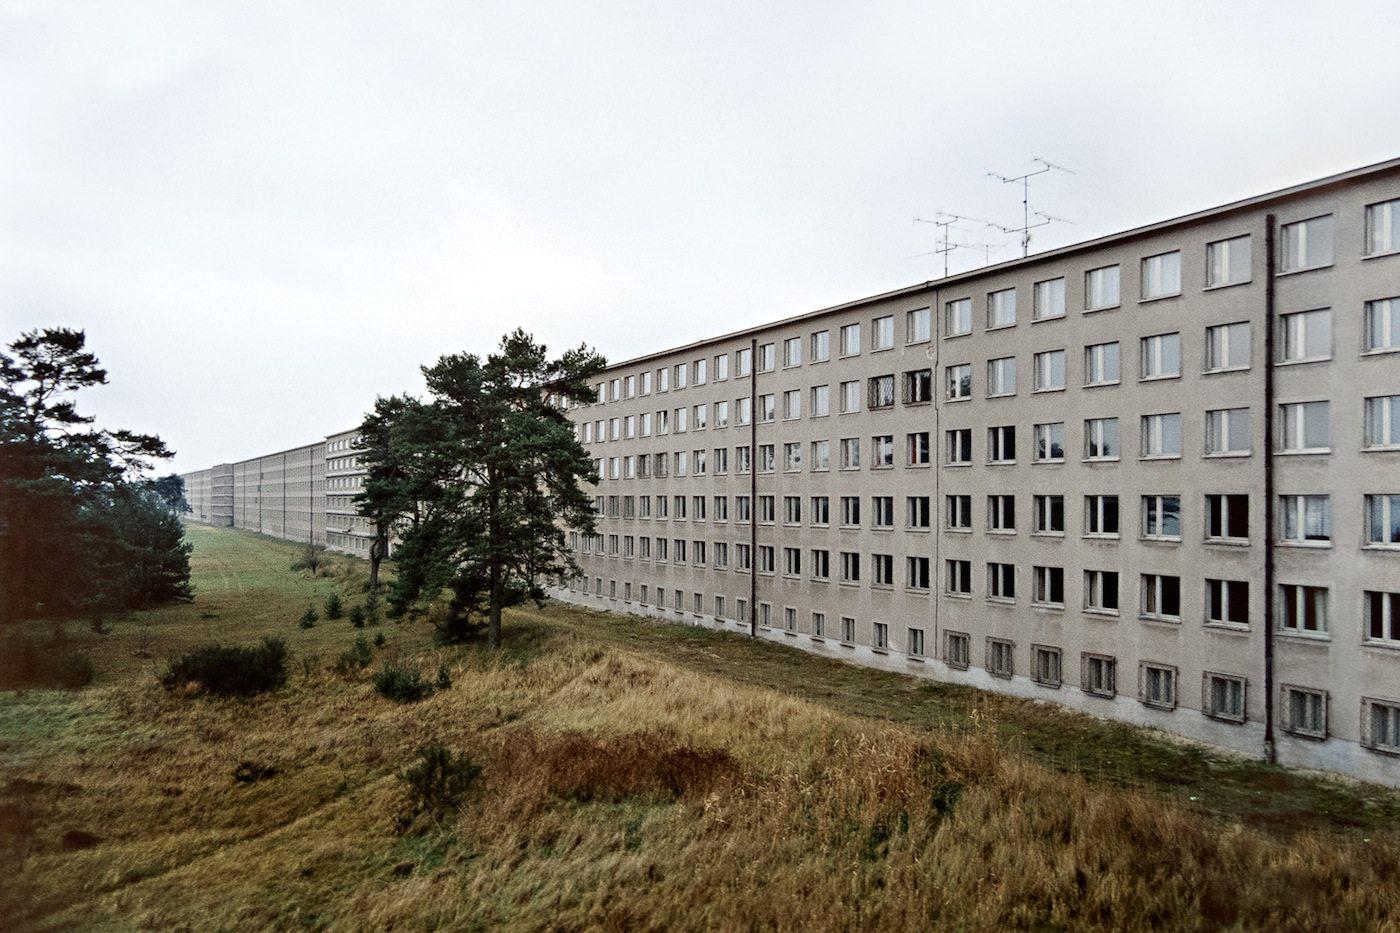 Ferienheim in Prora. Bettenhäuser des